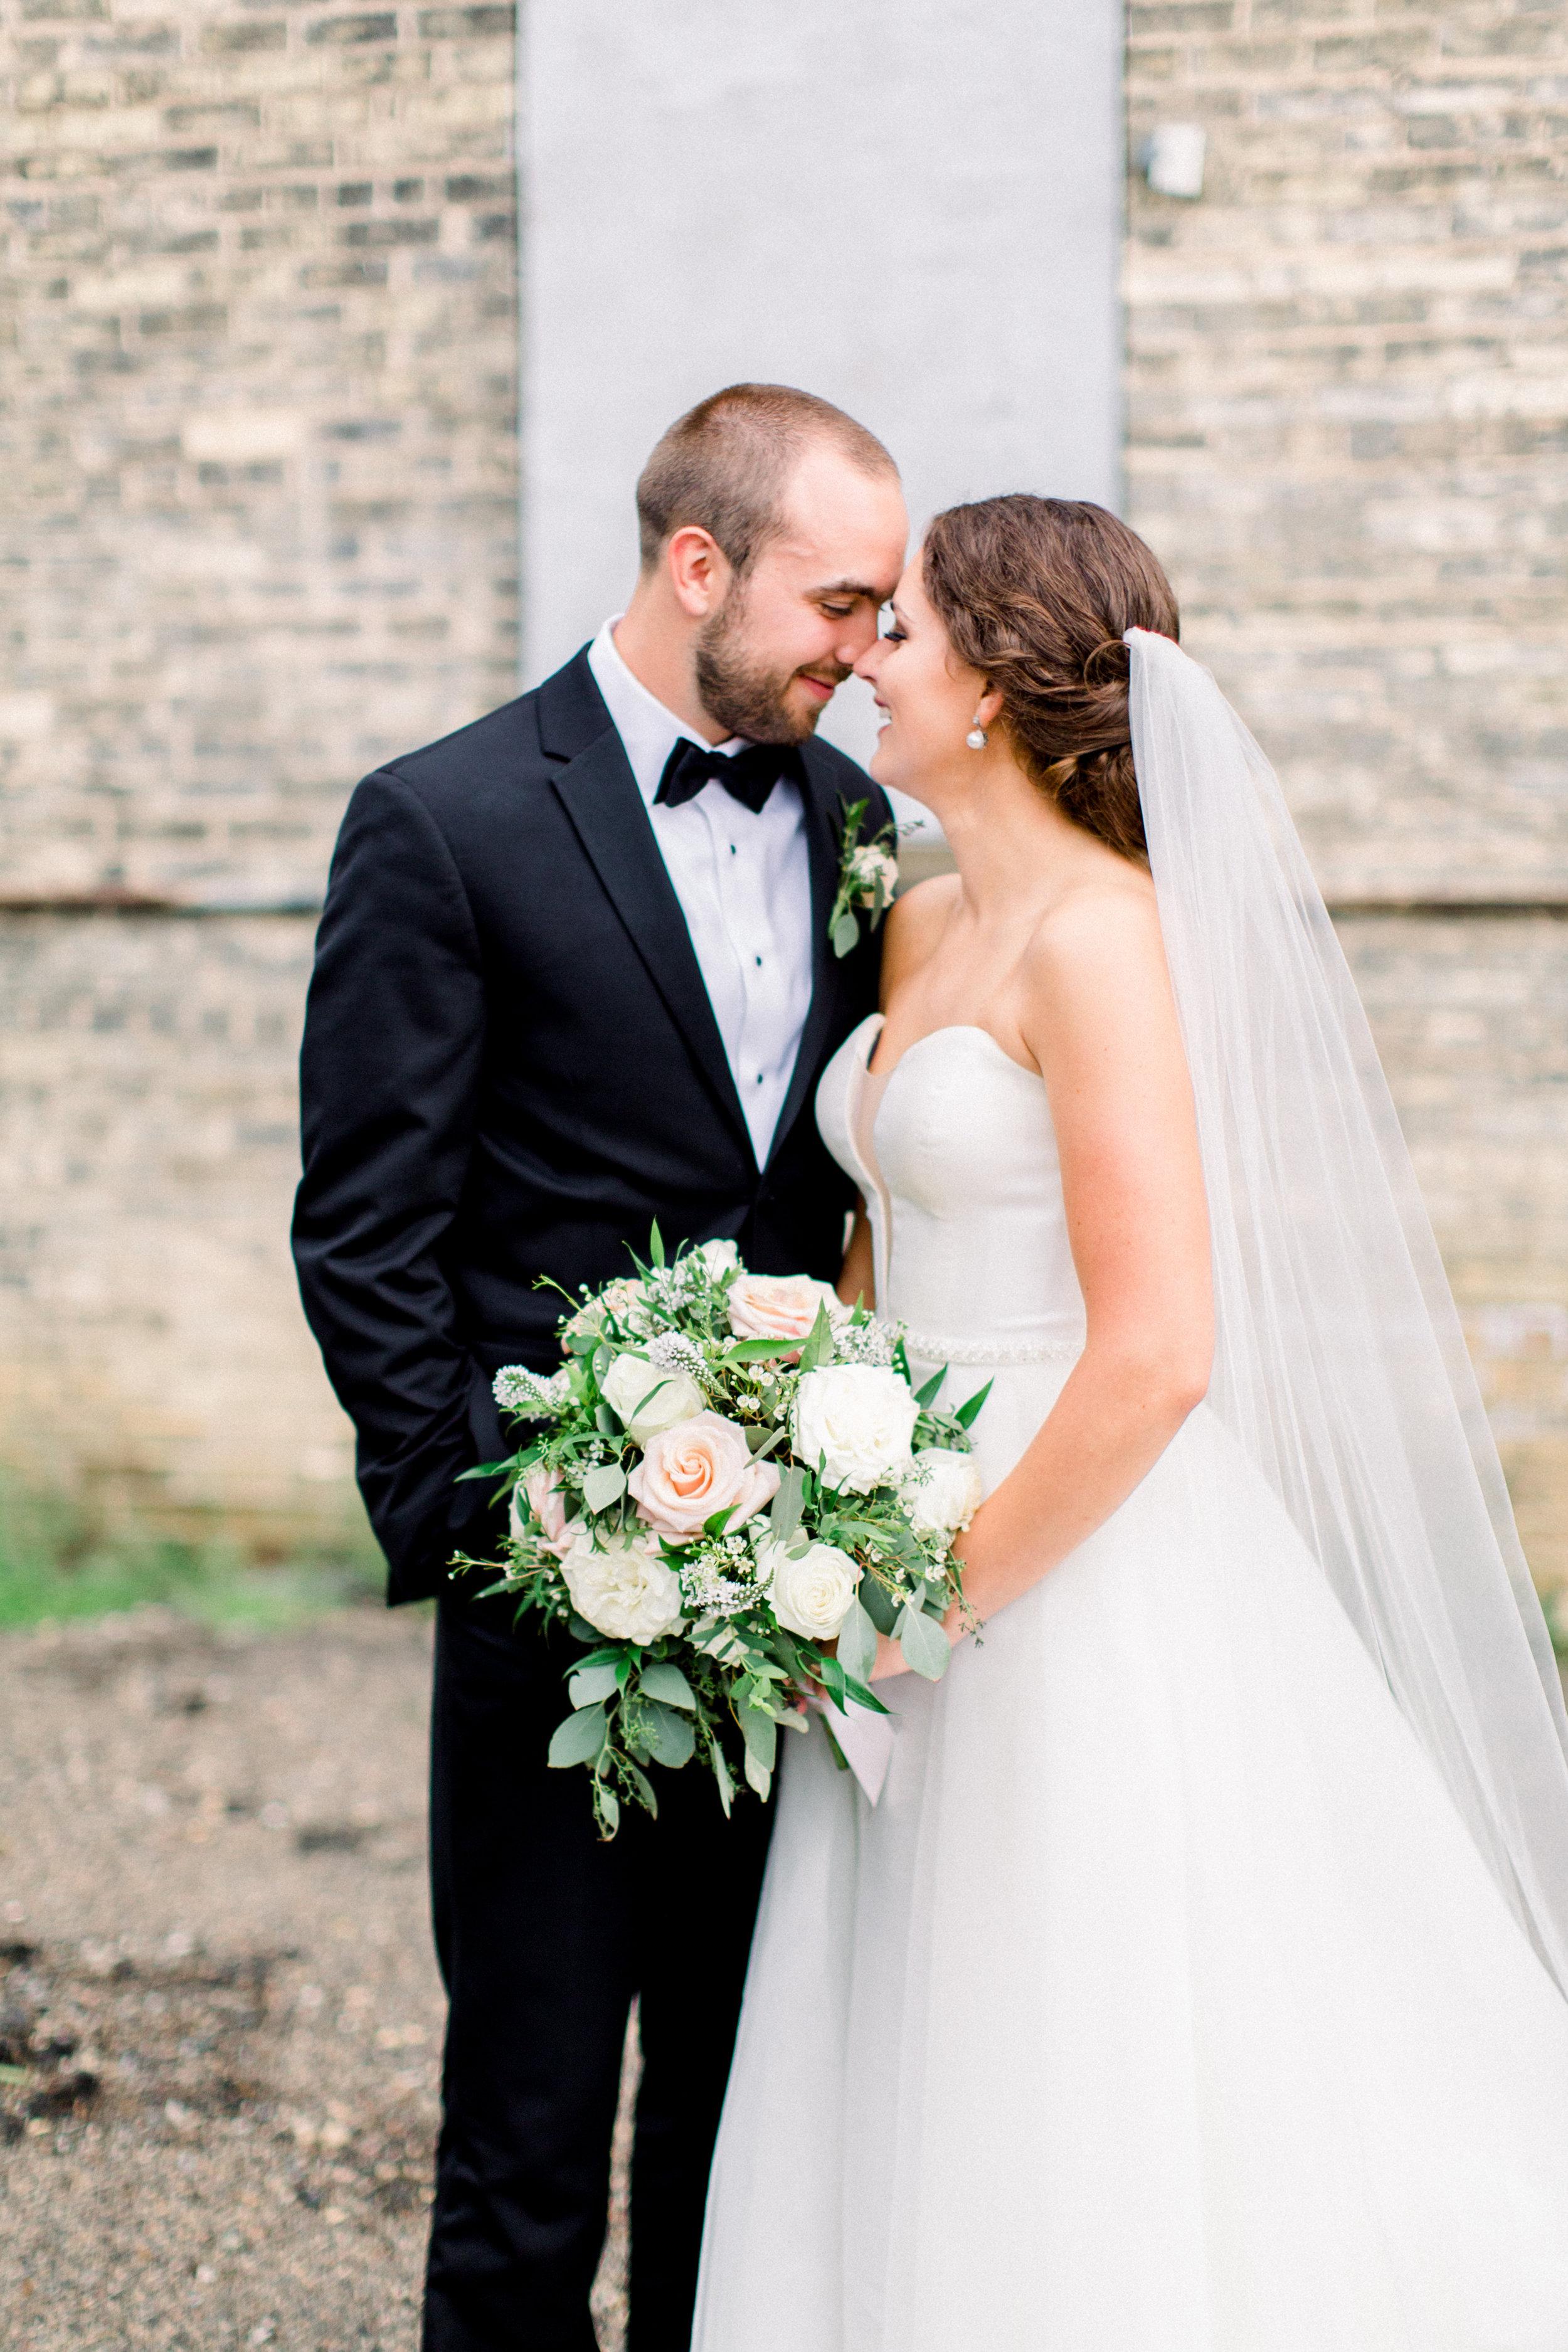 Steiner+Wedding+Bride+Groom+Reception-3.jpg